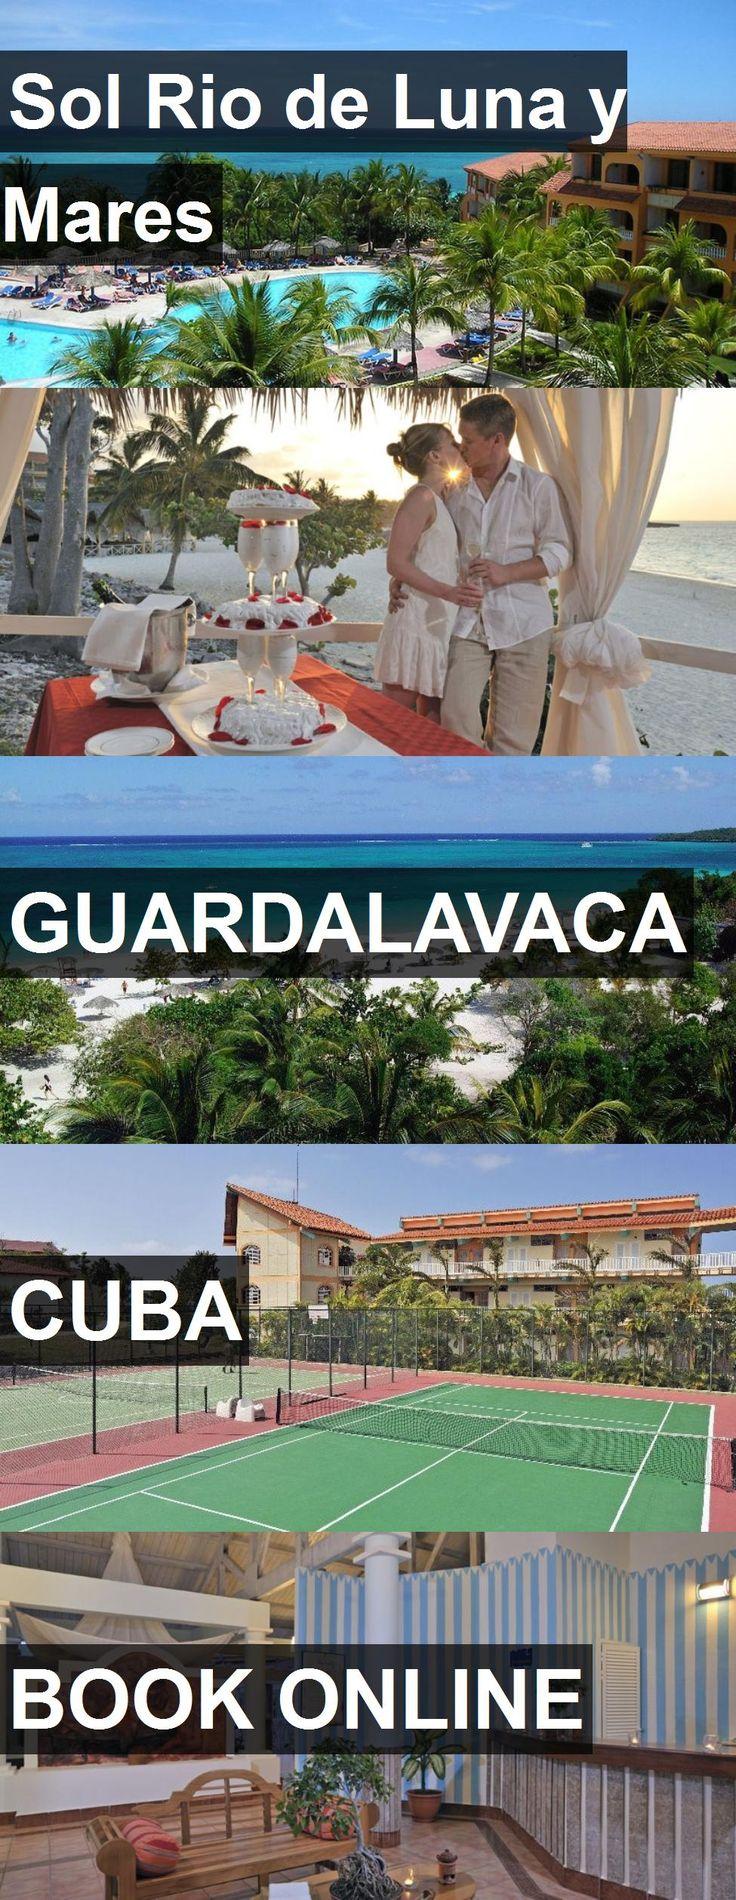 Hotel Sol Rio de Luna y Mares in Guardalavaca, Cuba. For more information, photos, reviews and best prices please follow the link. #Cuba #Guardalavaca #travel #vacation #hotel